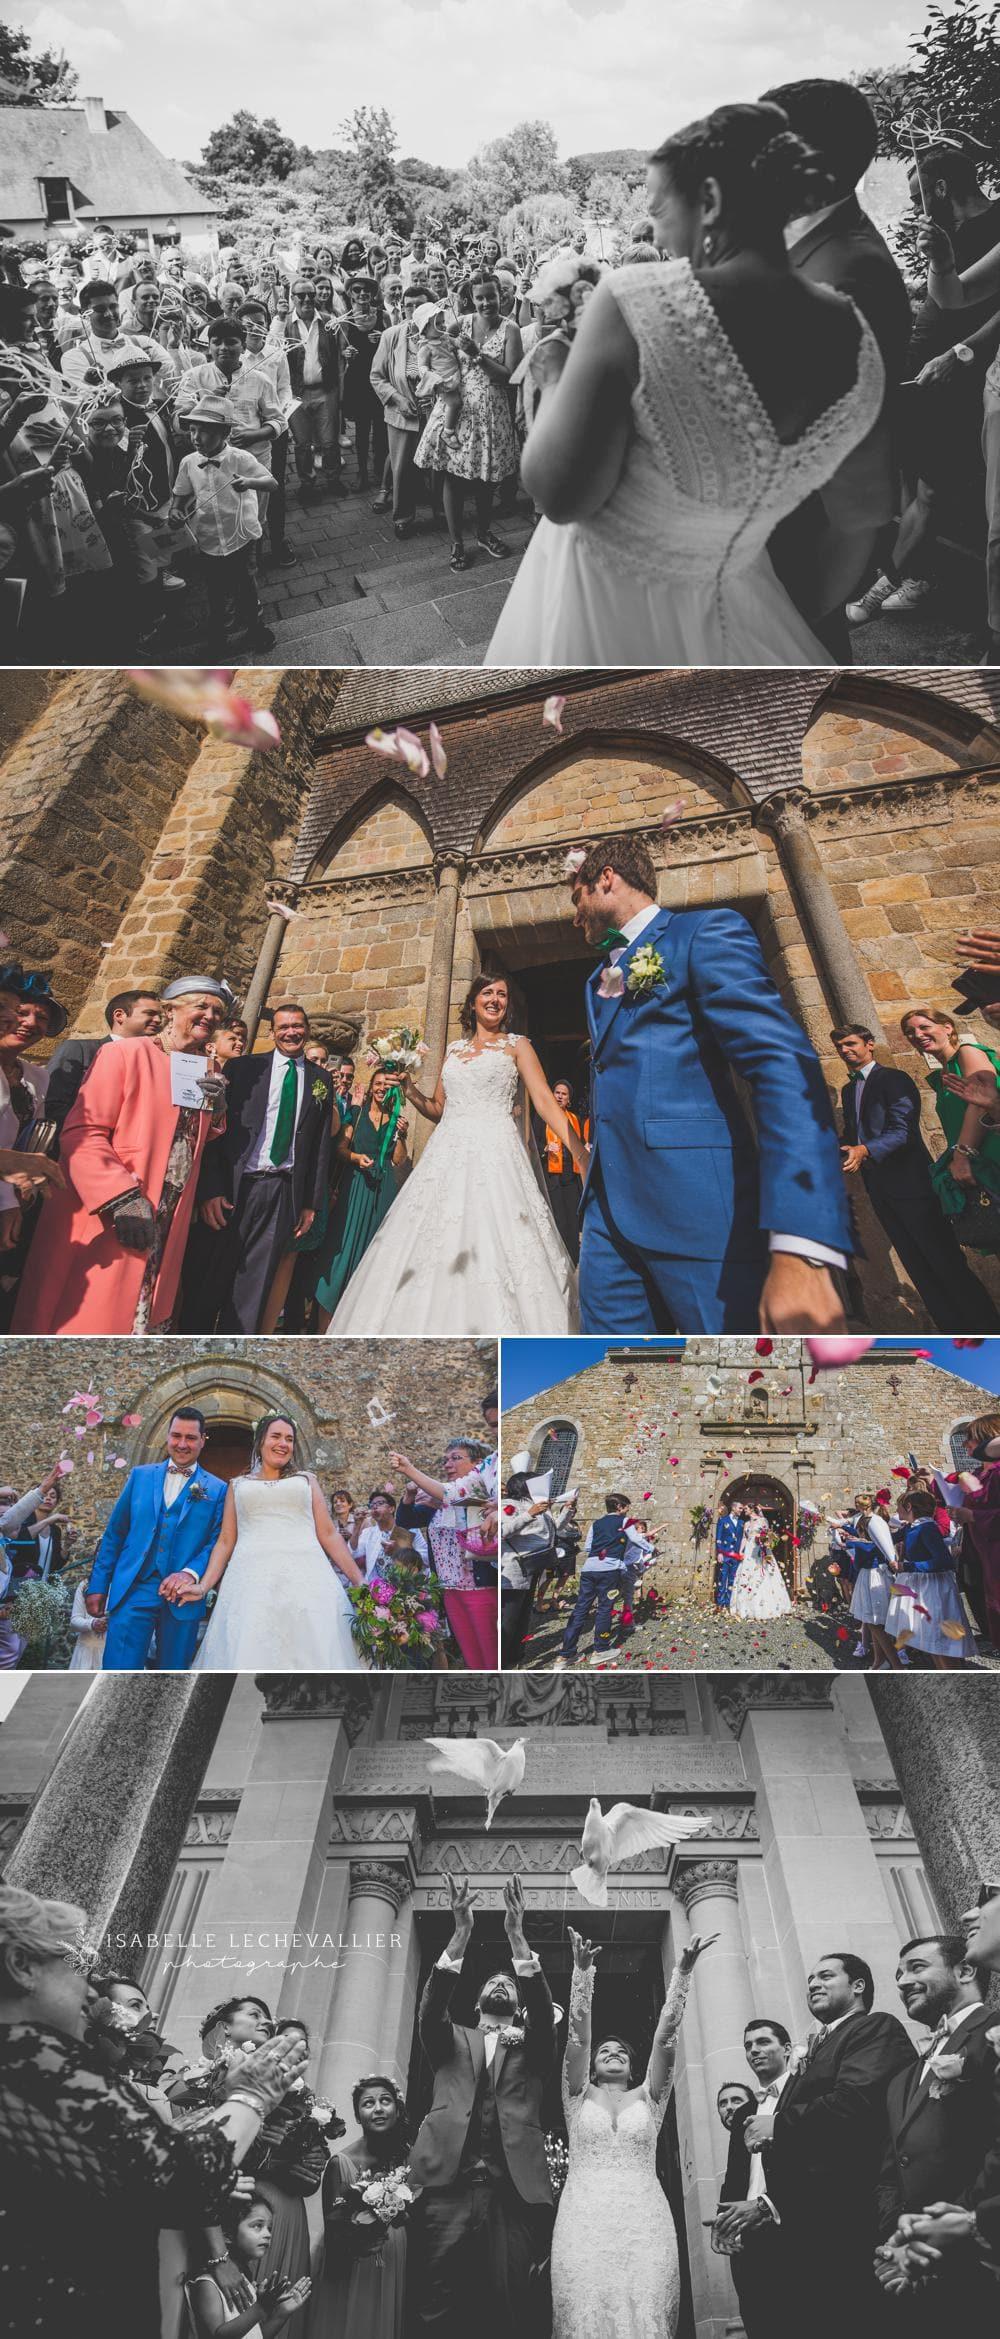 Des photos de mariage pleines d'émotions